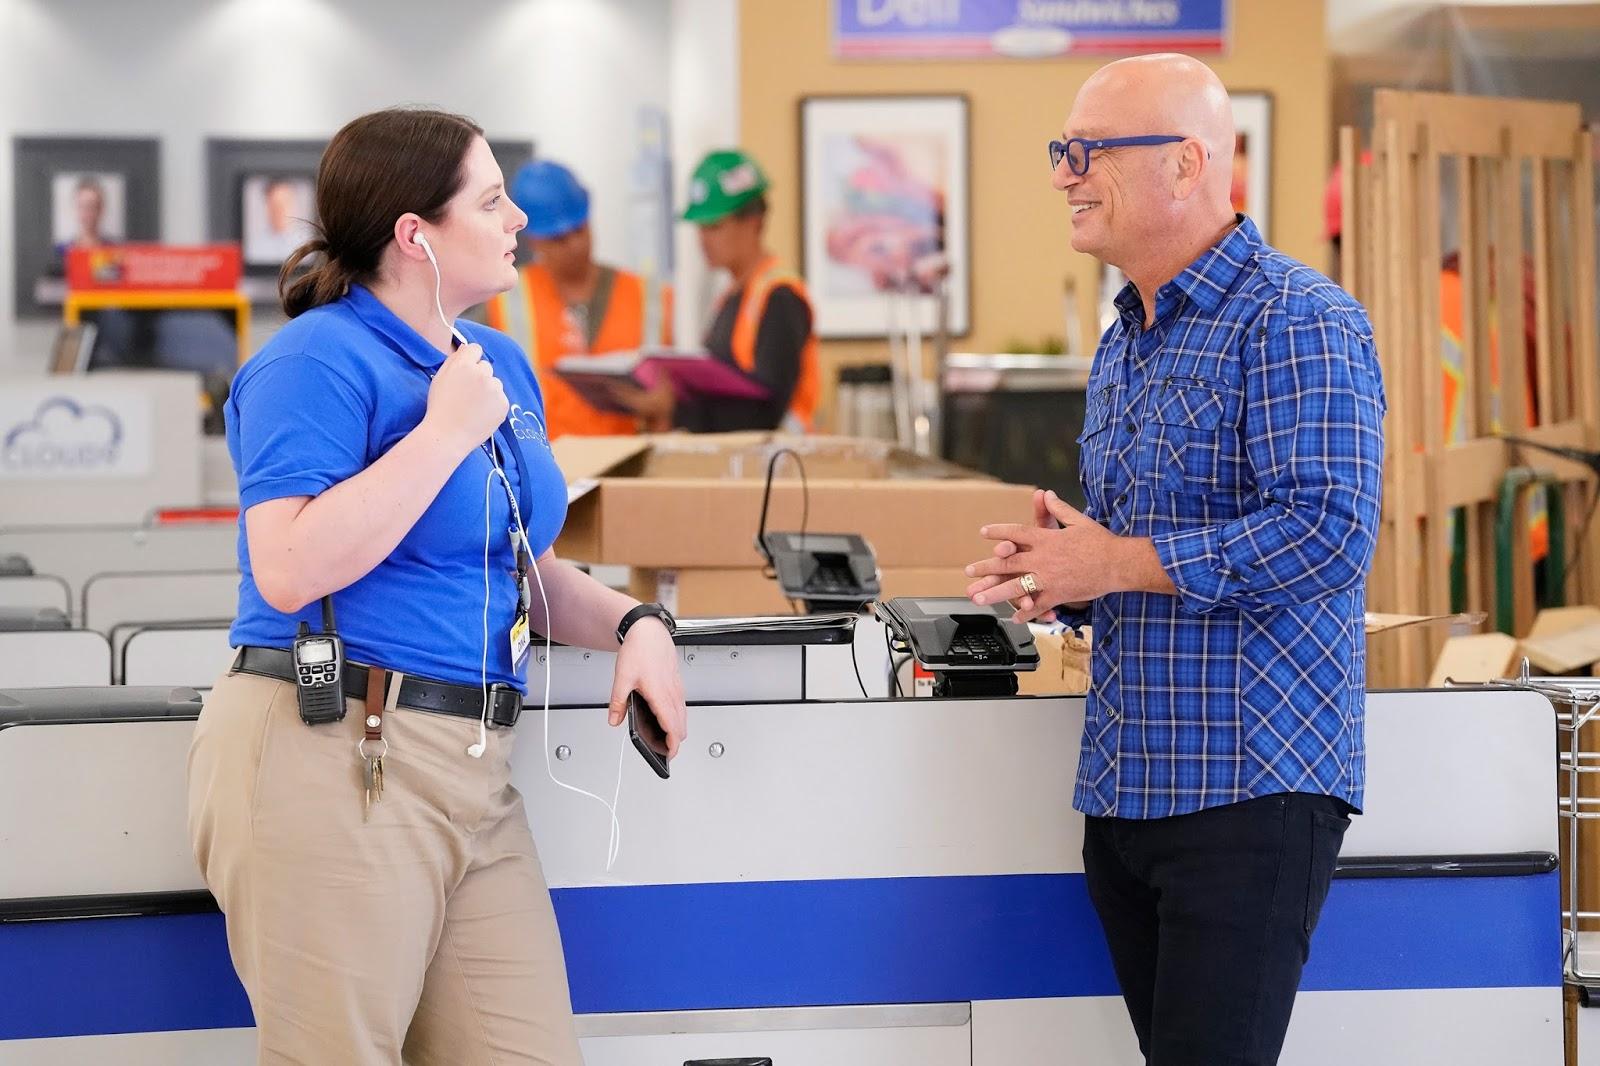 Gina y Howie Mandel en el episodio 3x01 de Superstore